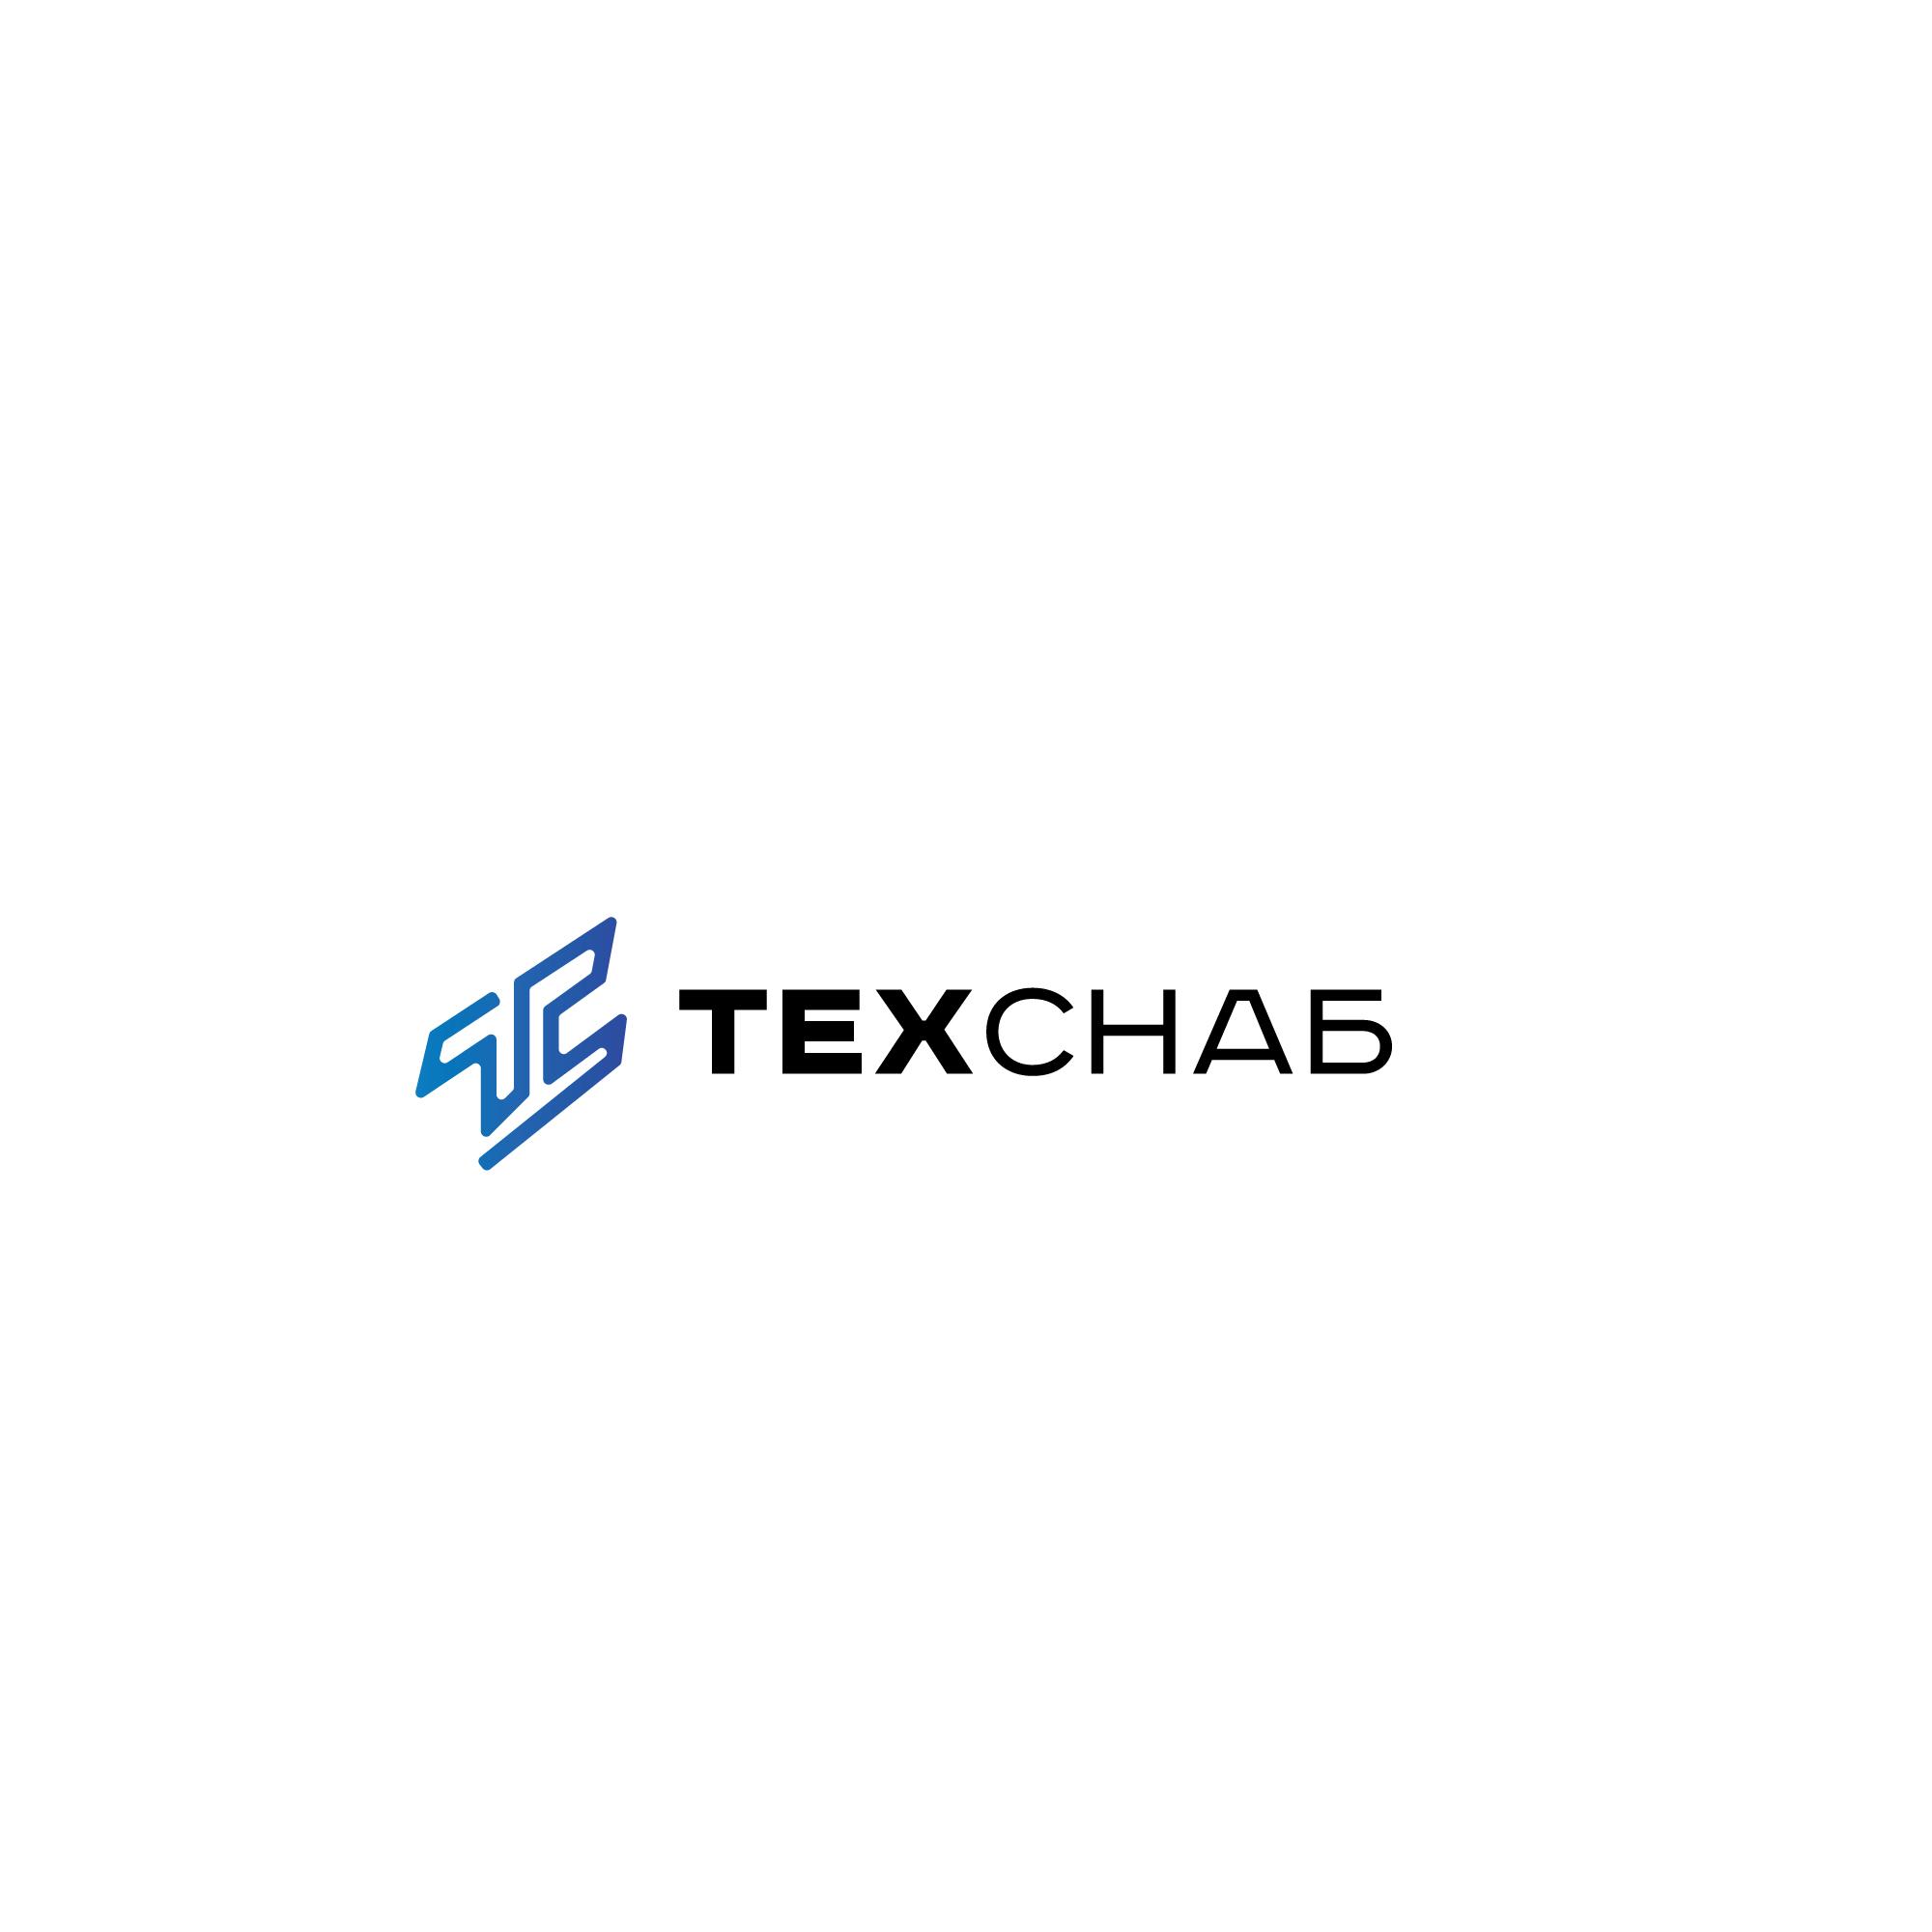 Разработка логотипа и фирм. стиля компании  ТЕХСНАБ фото f_0805b1eb093bad49.jpg